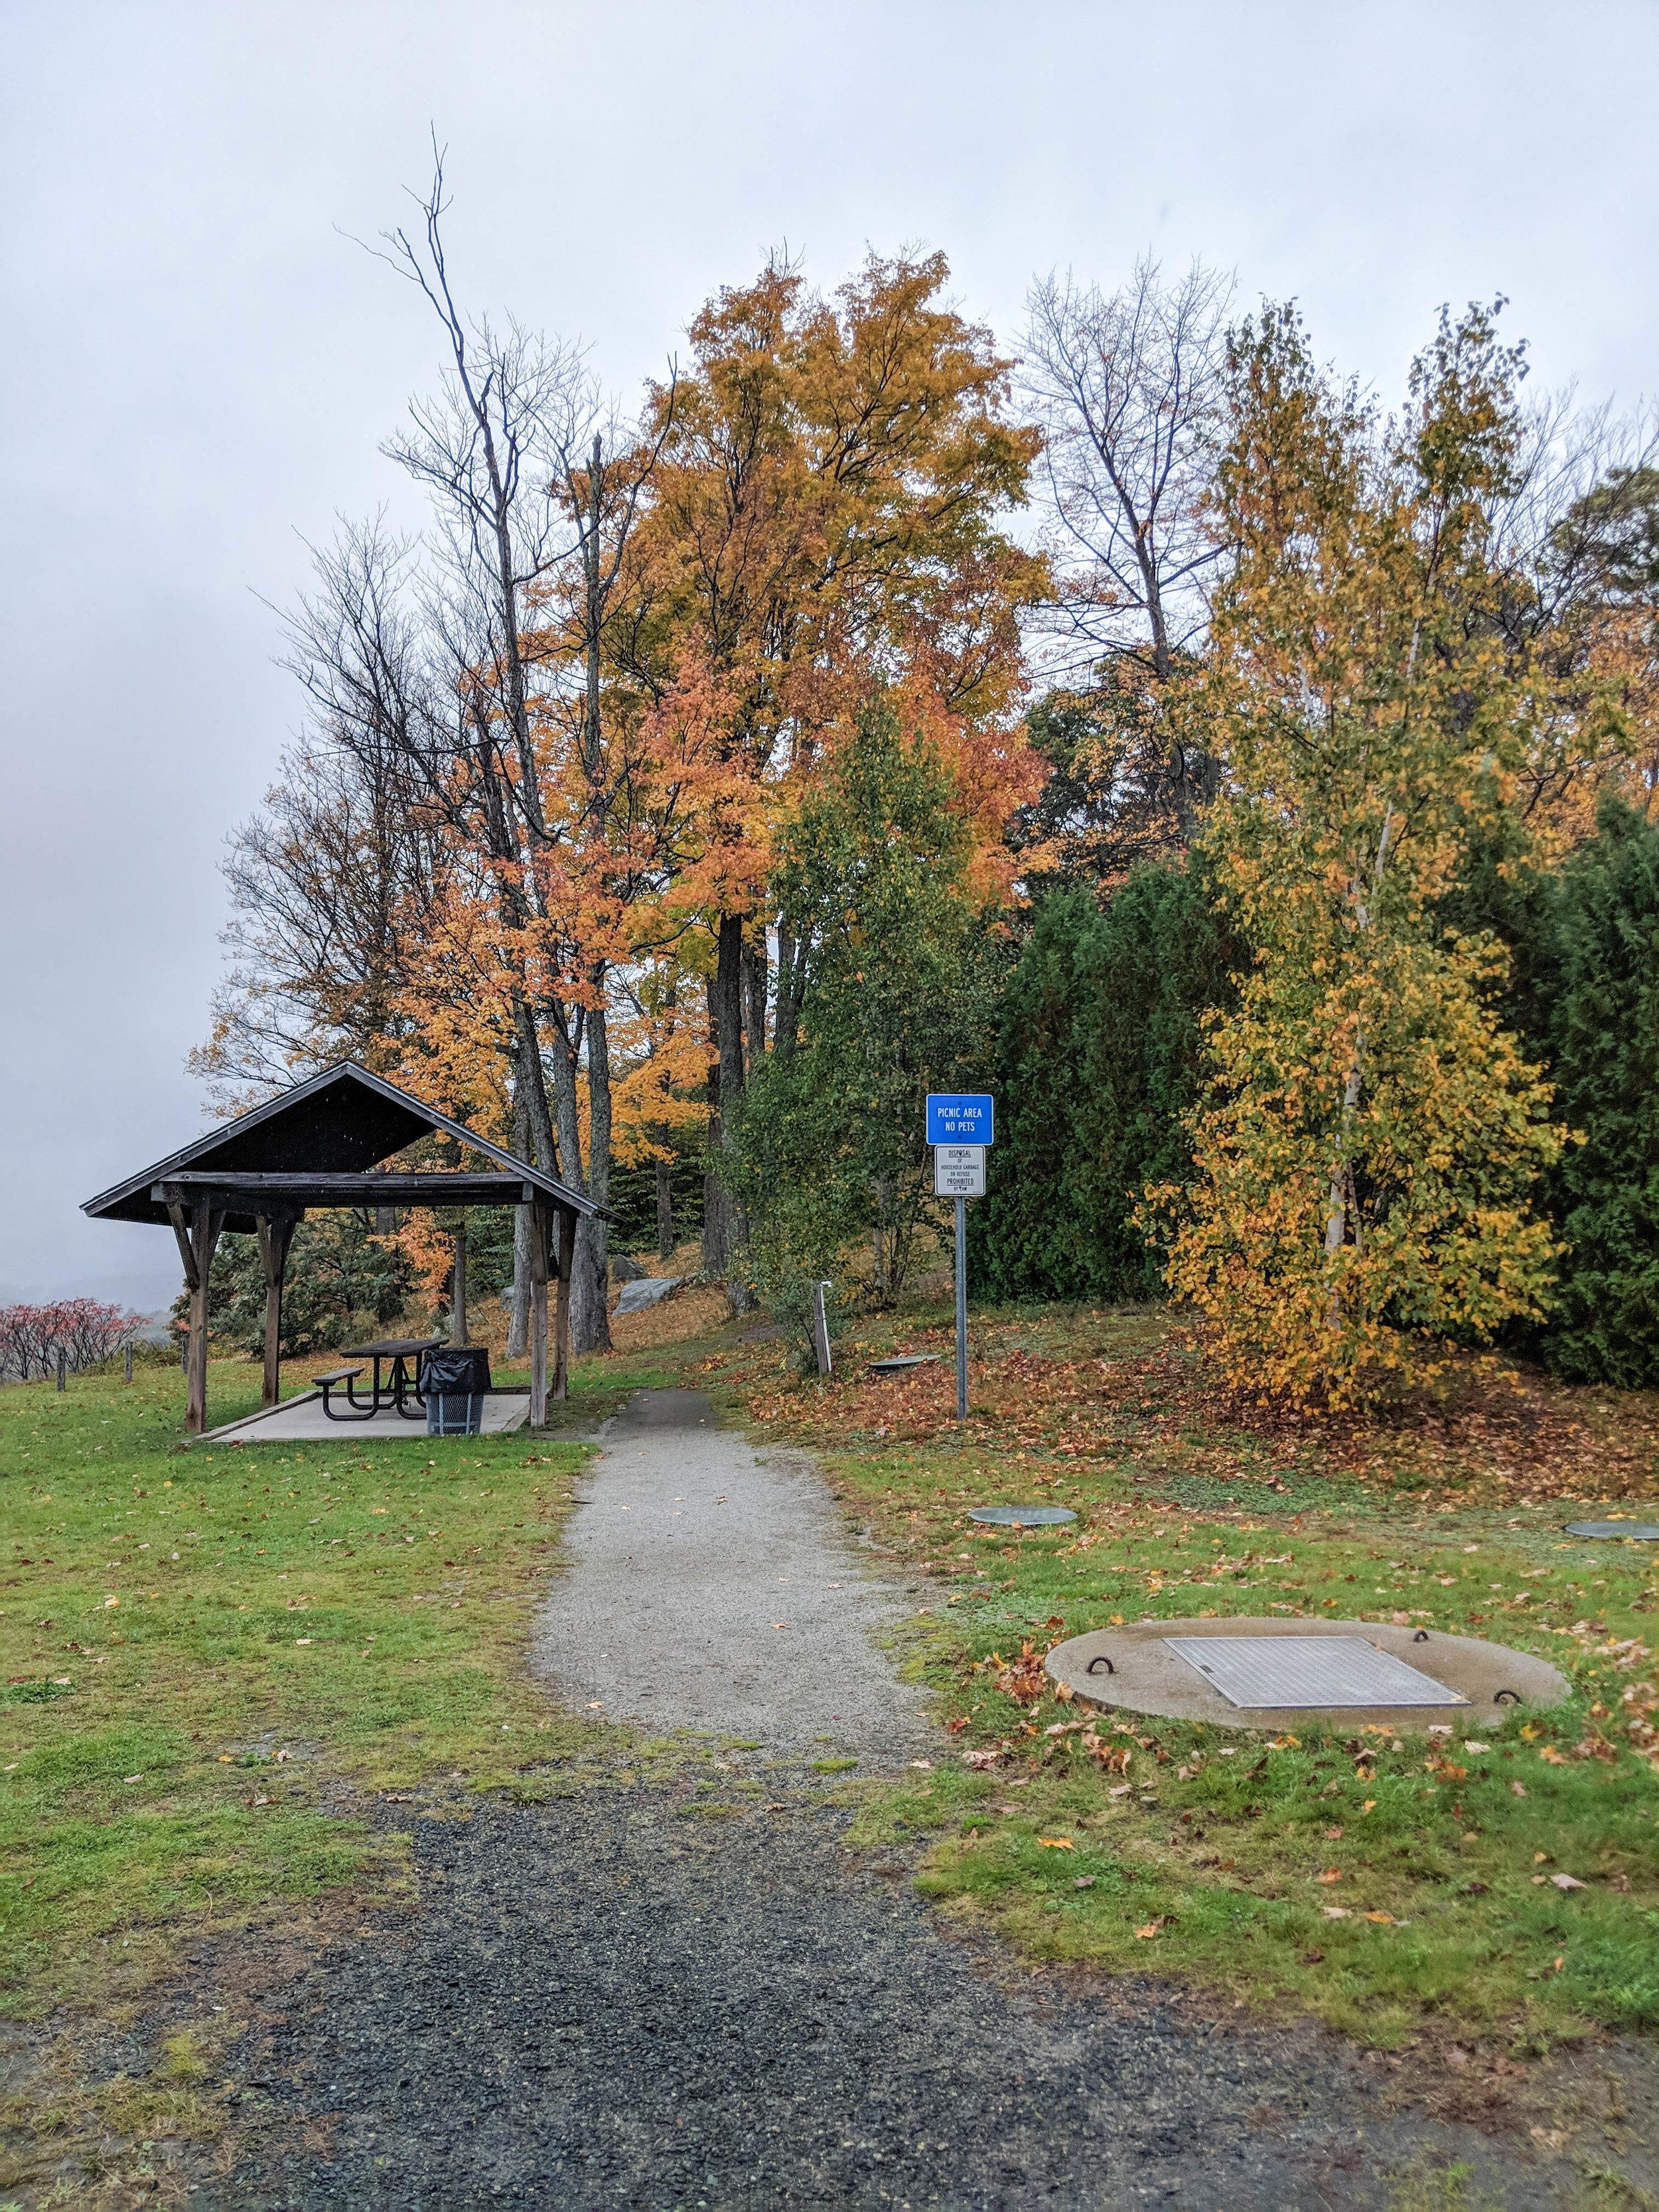 new hampshire; bri rinehart; photography; fall; trees